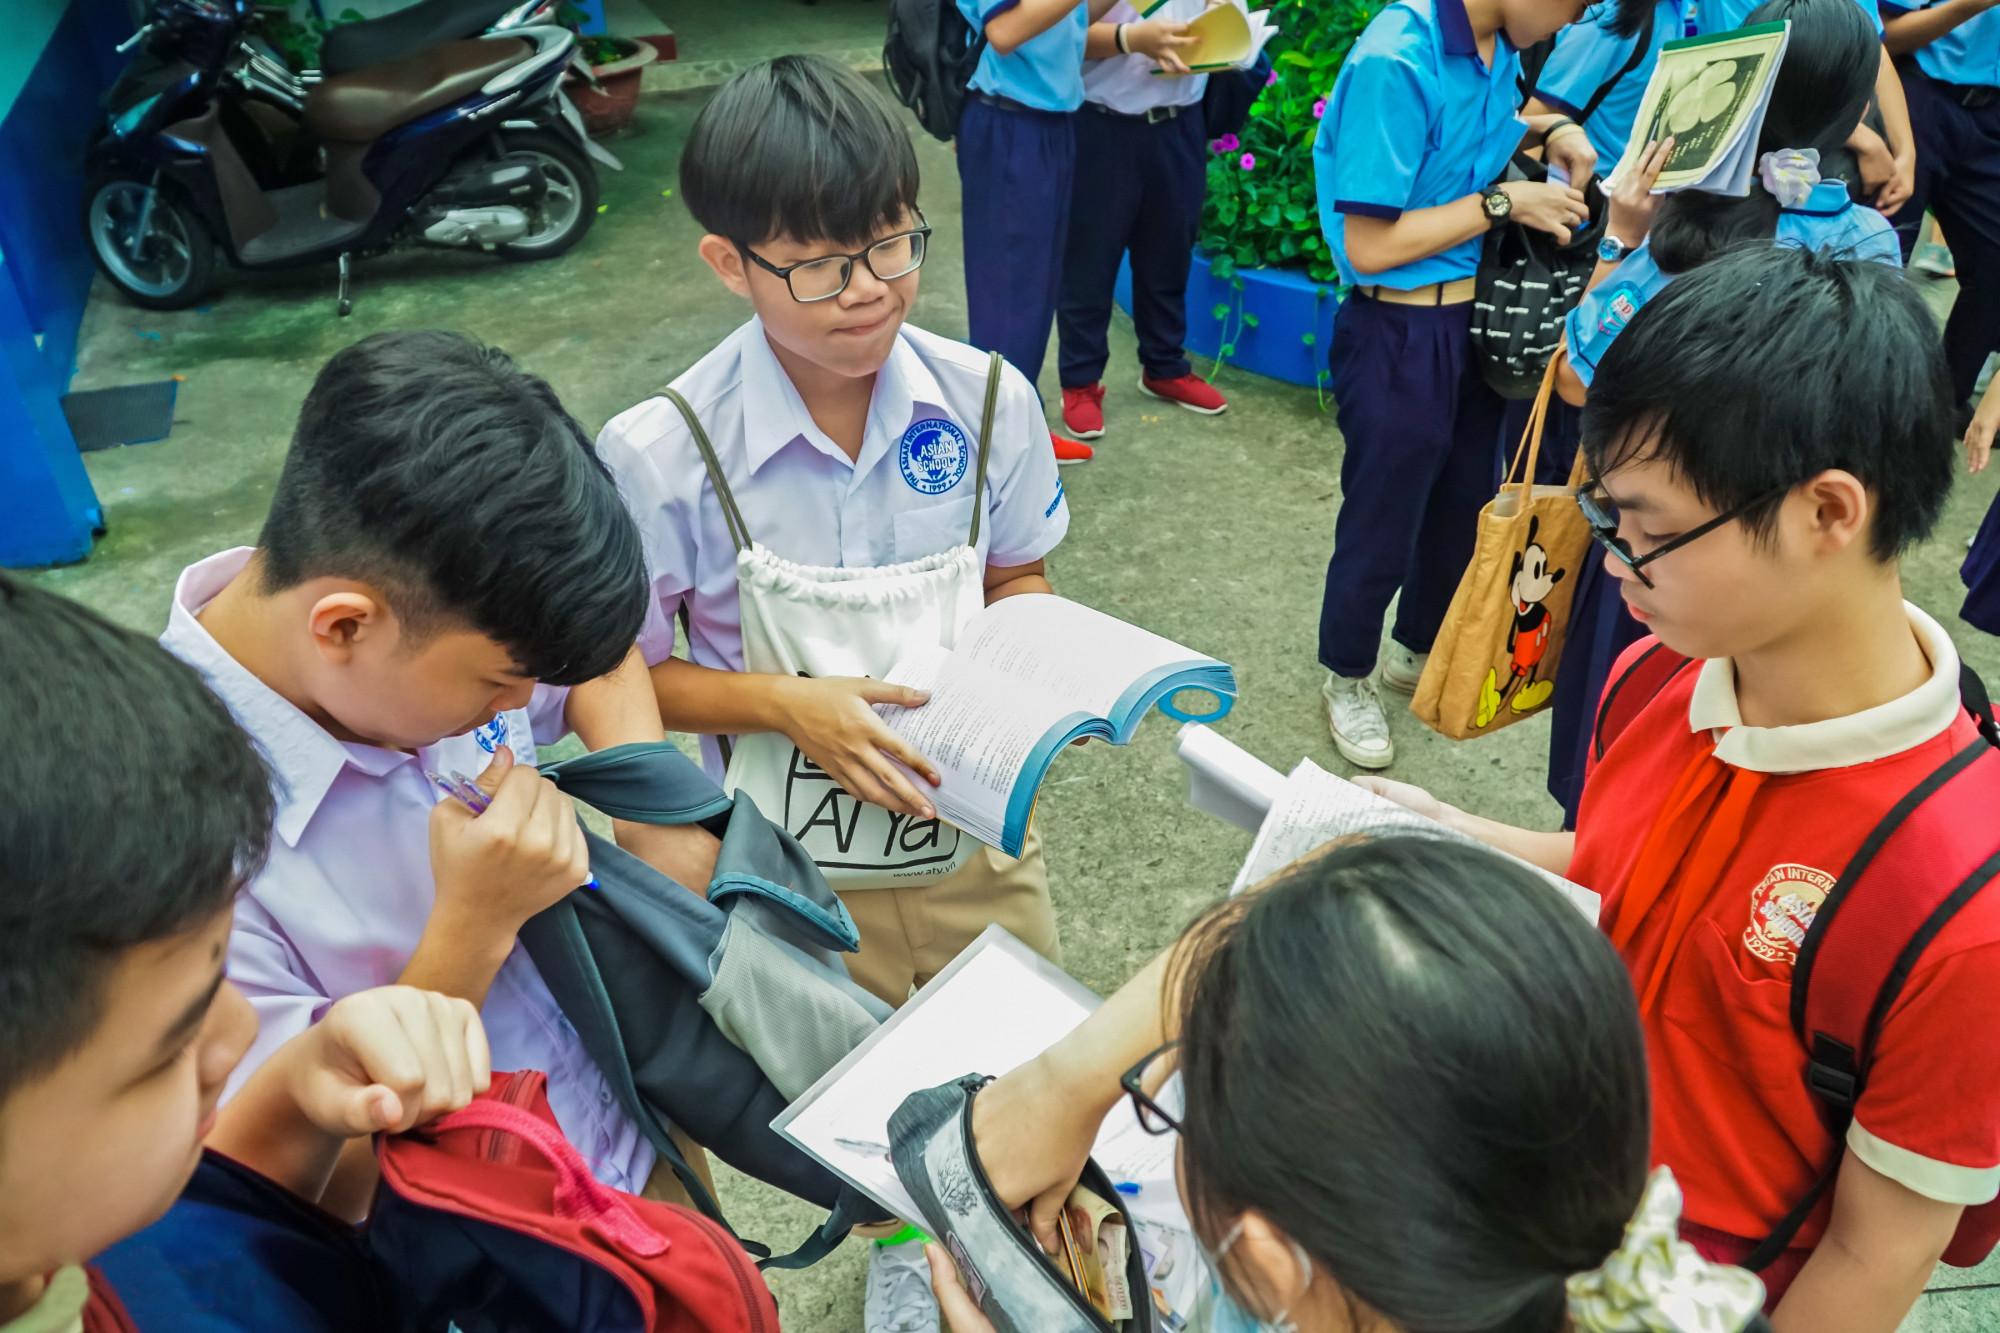 Thí sinh TP.HCM dự kỳ thi tuyển sinh vào lớp Mười năm 2020 - ẢNH: TAM NGUYÊN